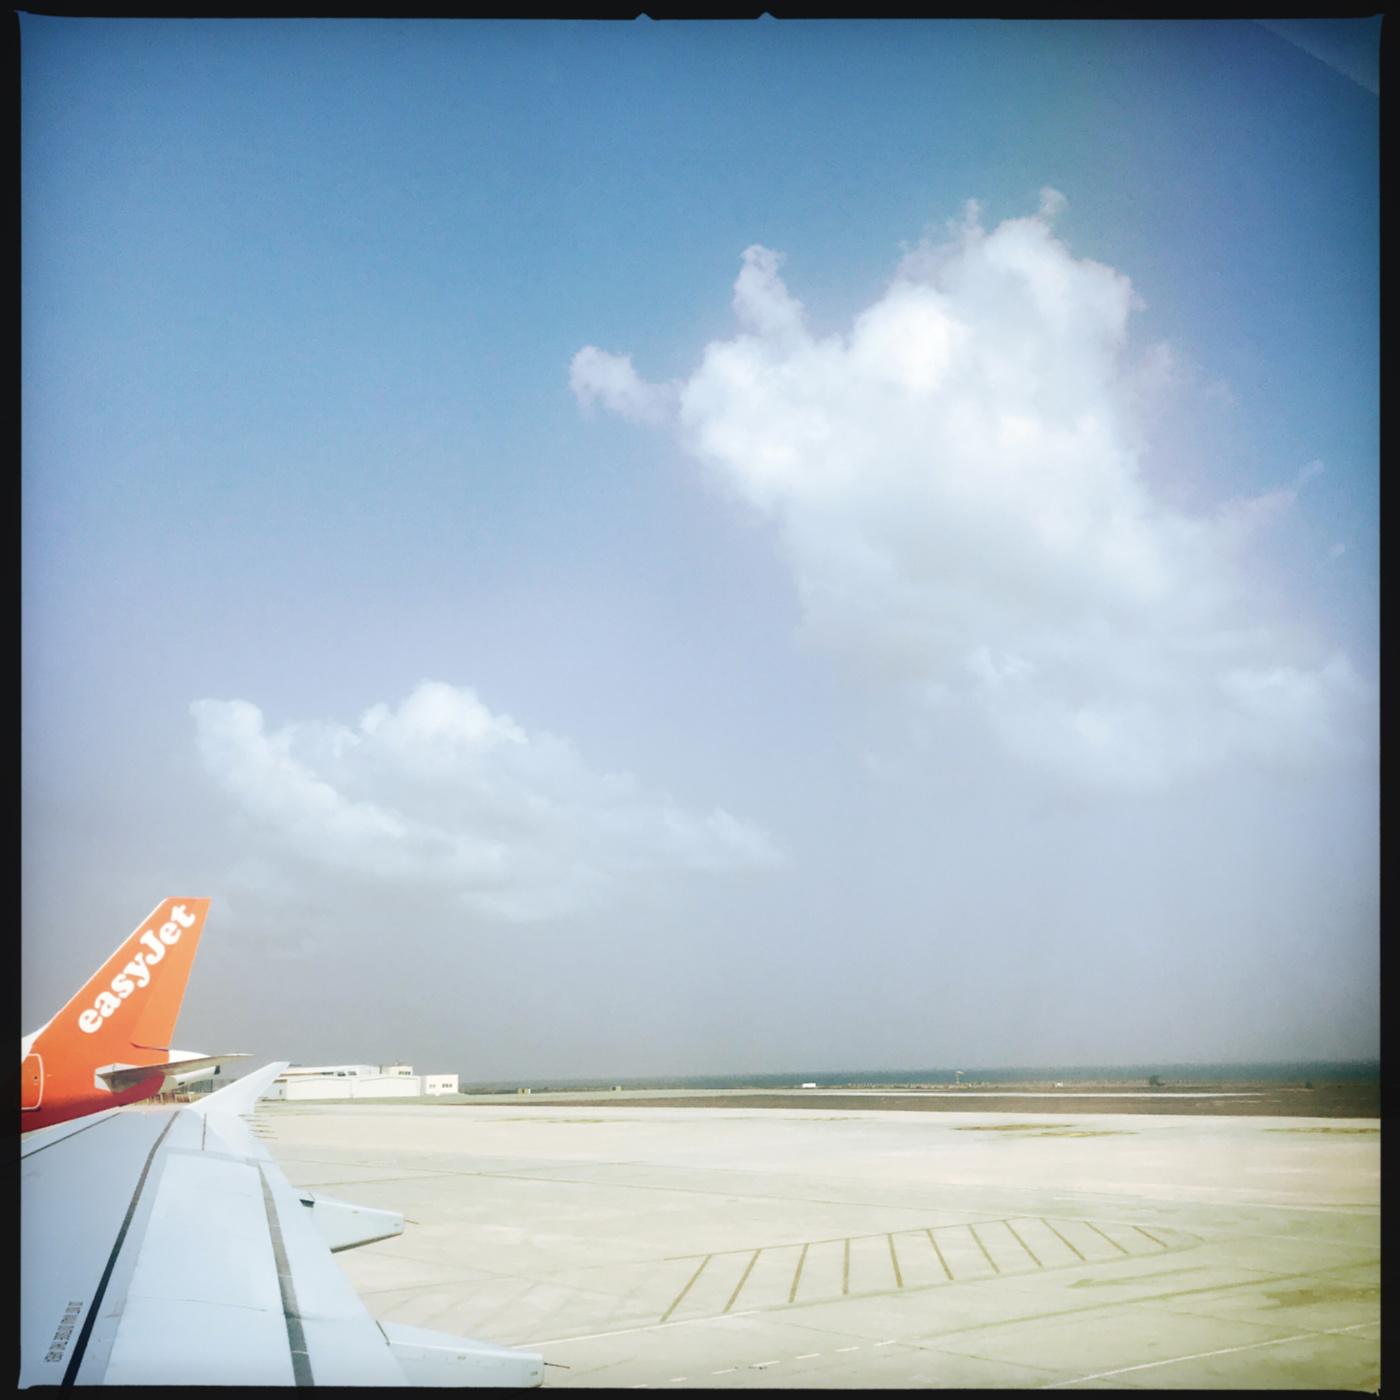 003-FuerteventuraAirport